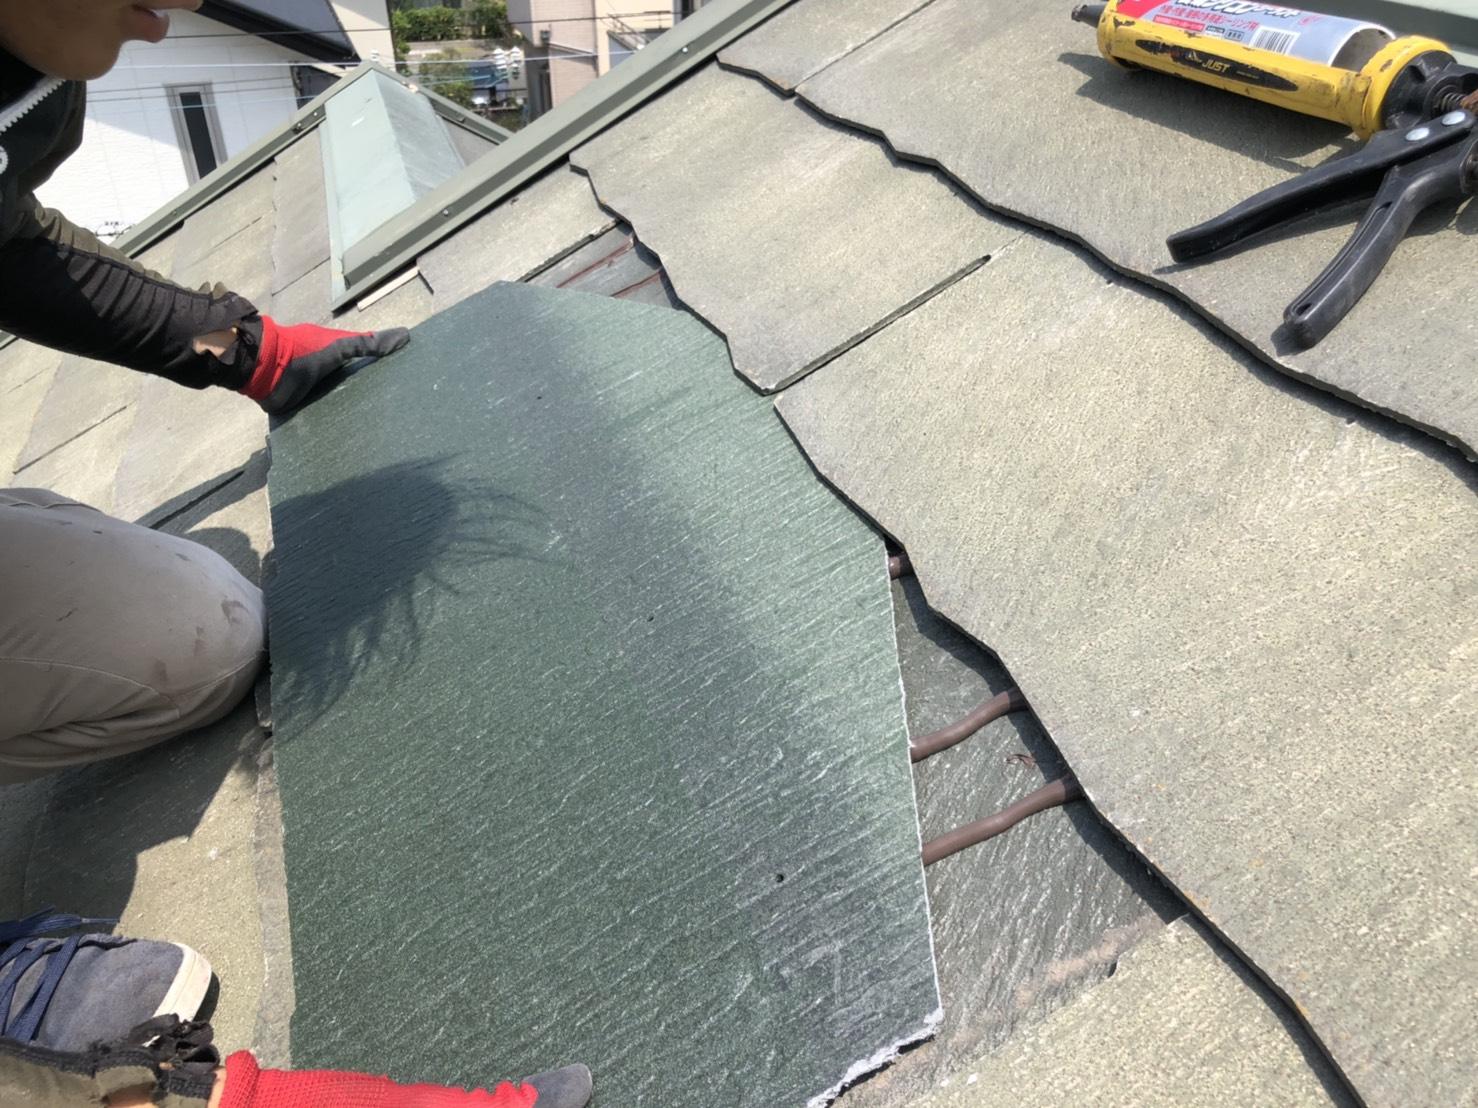 台風の影響でひび割れたスレート屋根を差し替えている様子